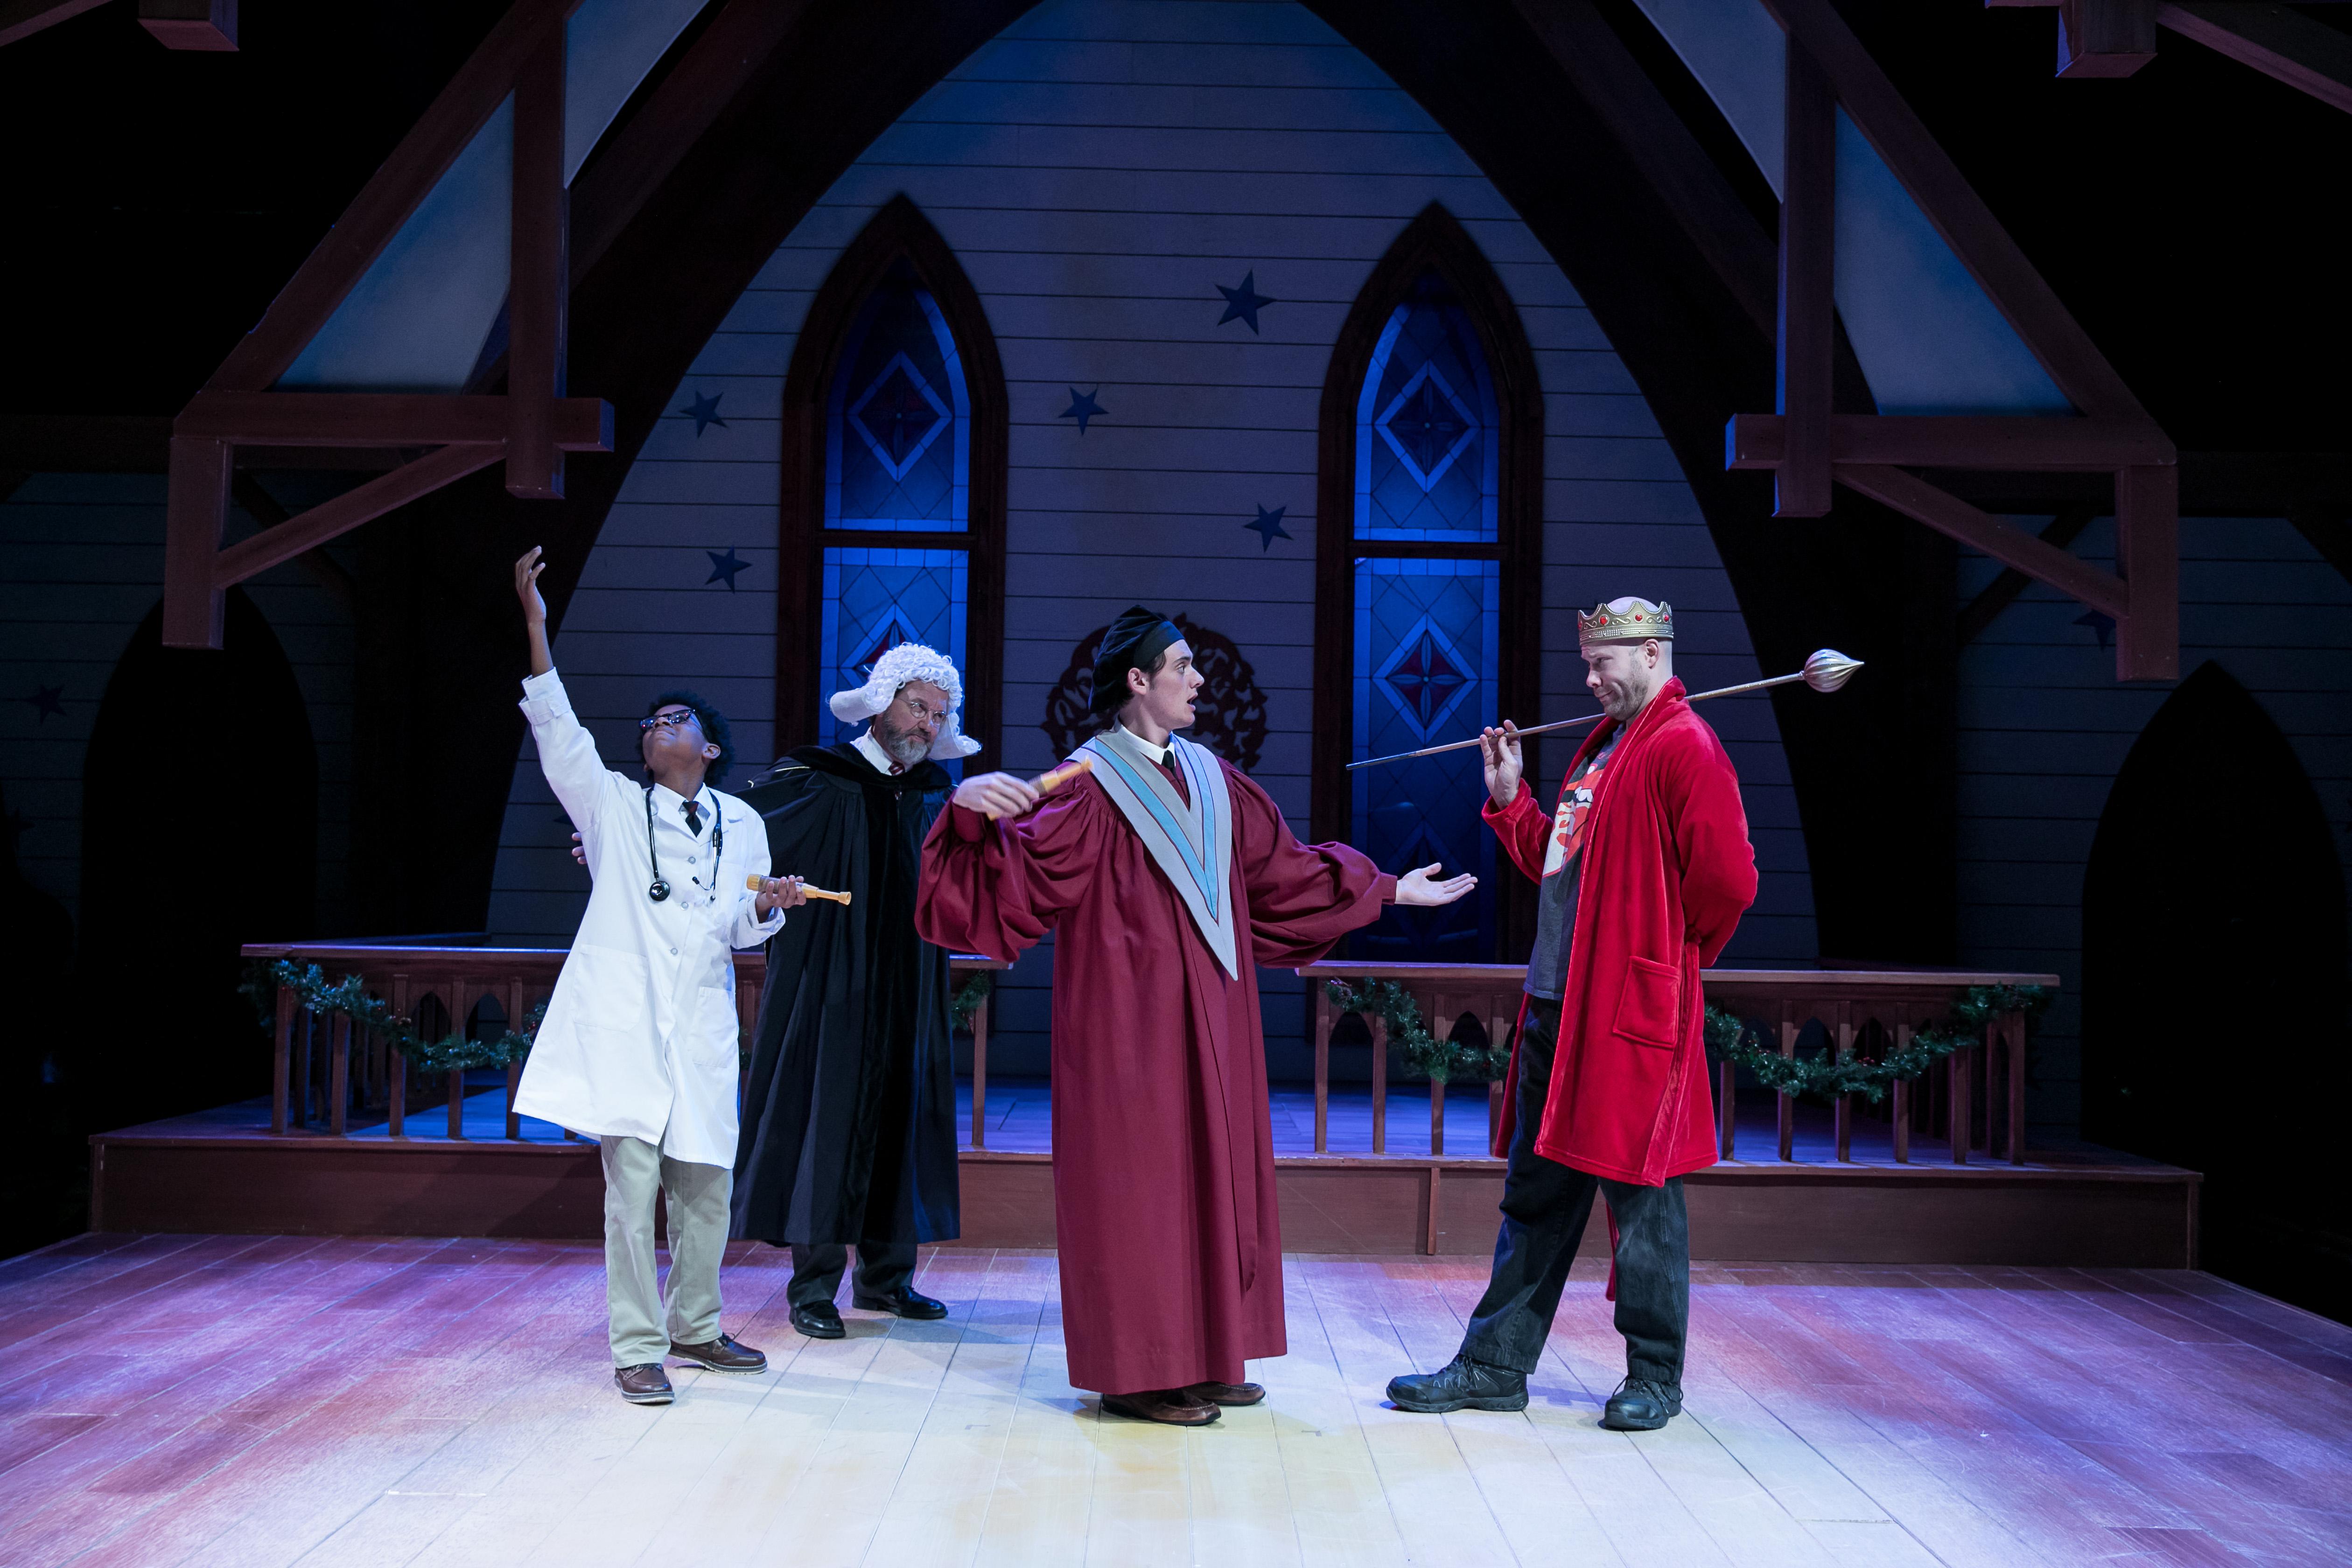 King Herod Encounters the Wise Men